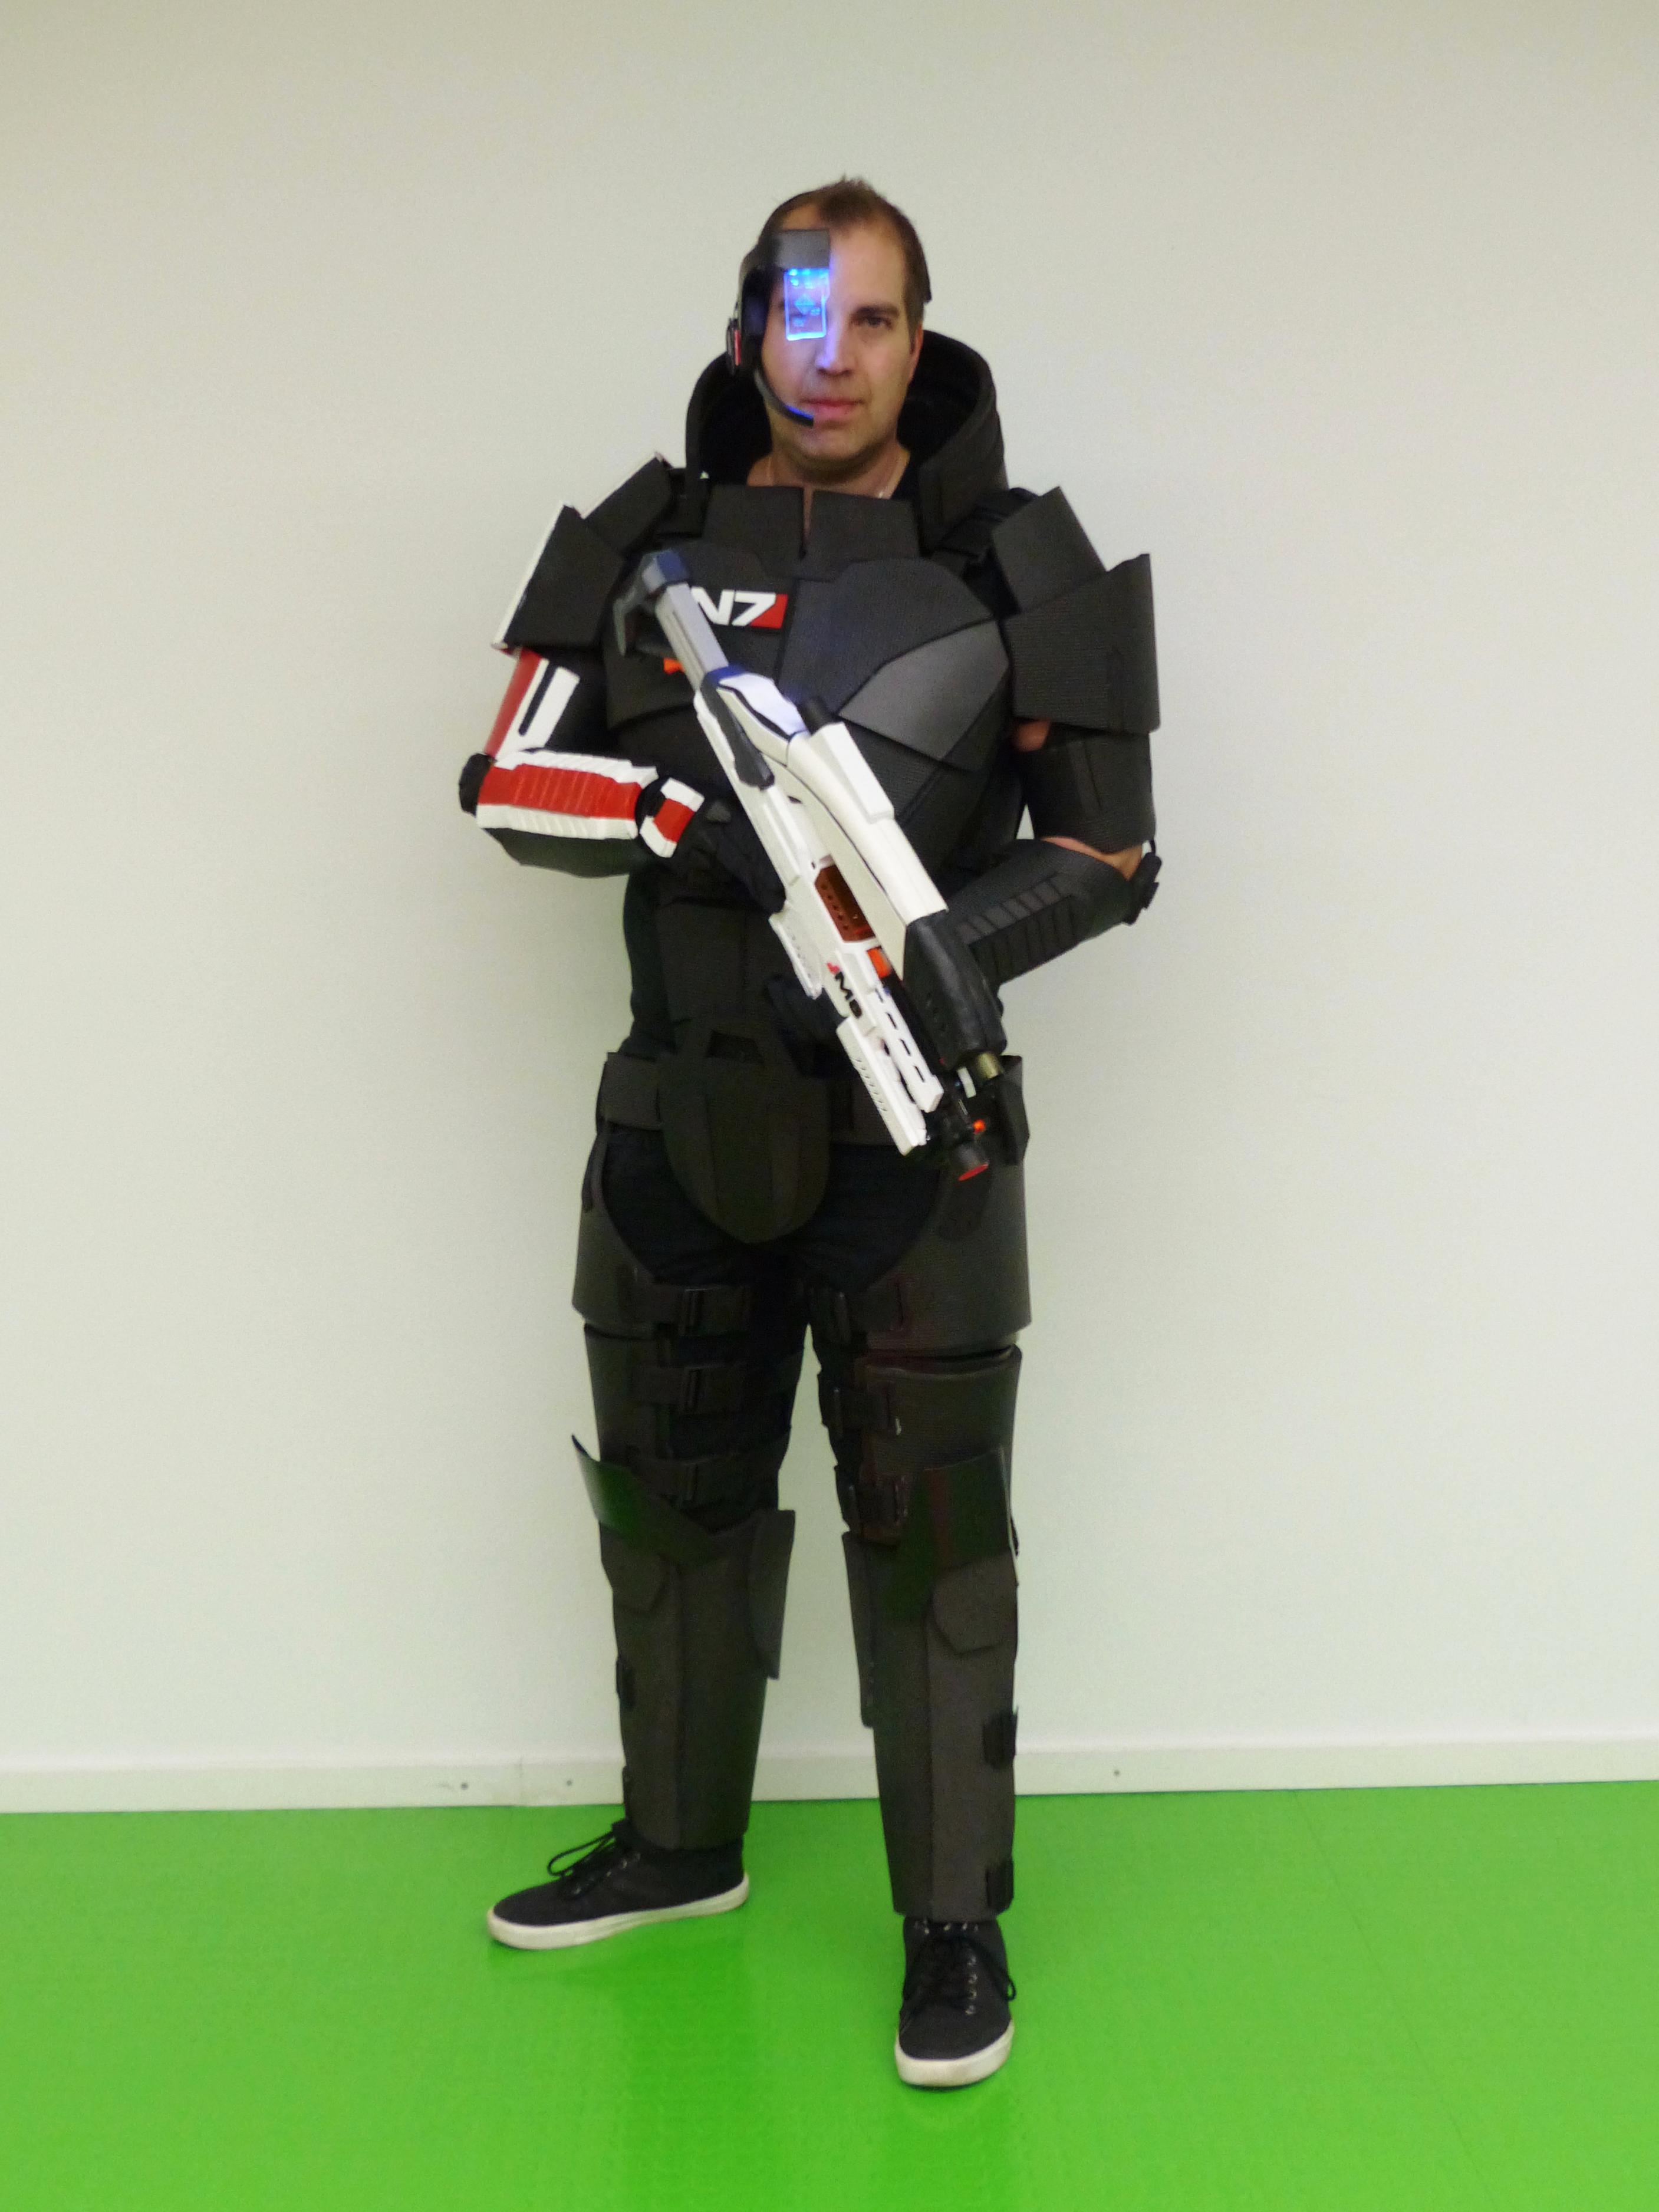 Frank als Commander John Shepard aus Mass Effect